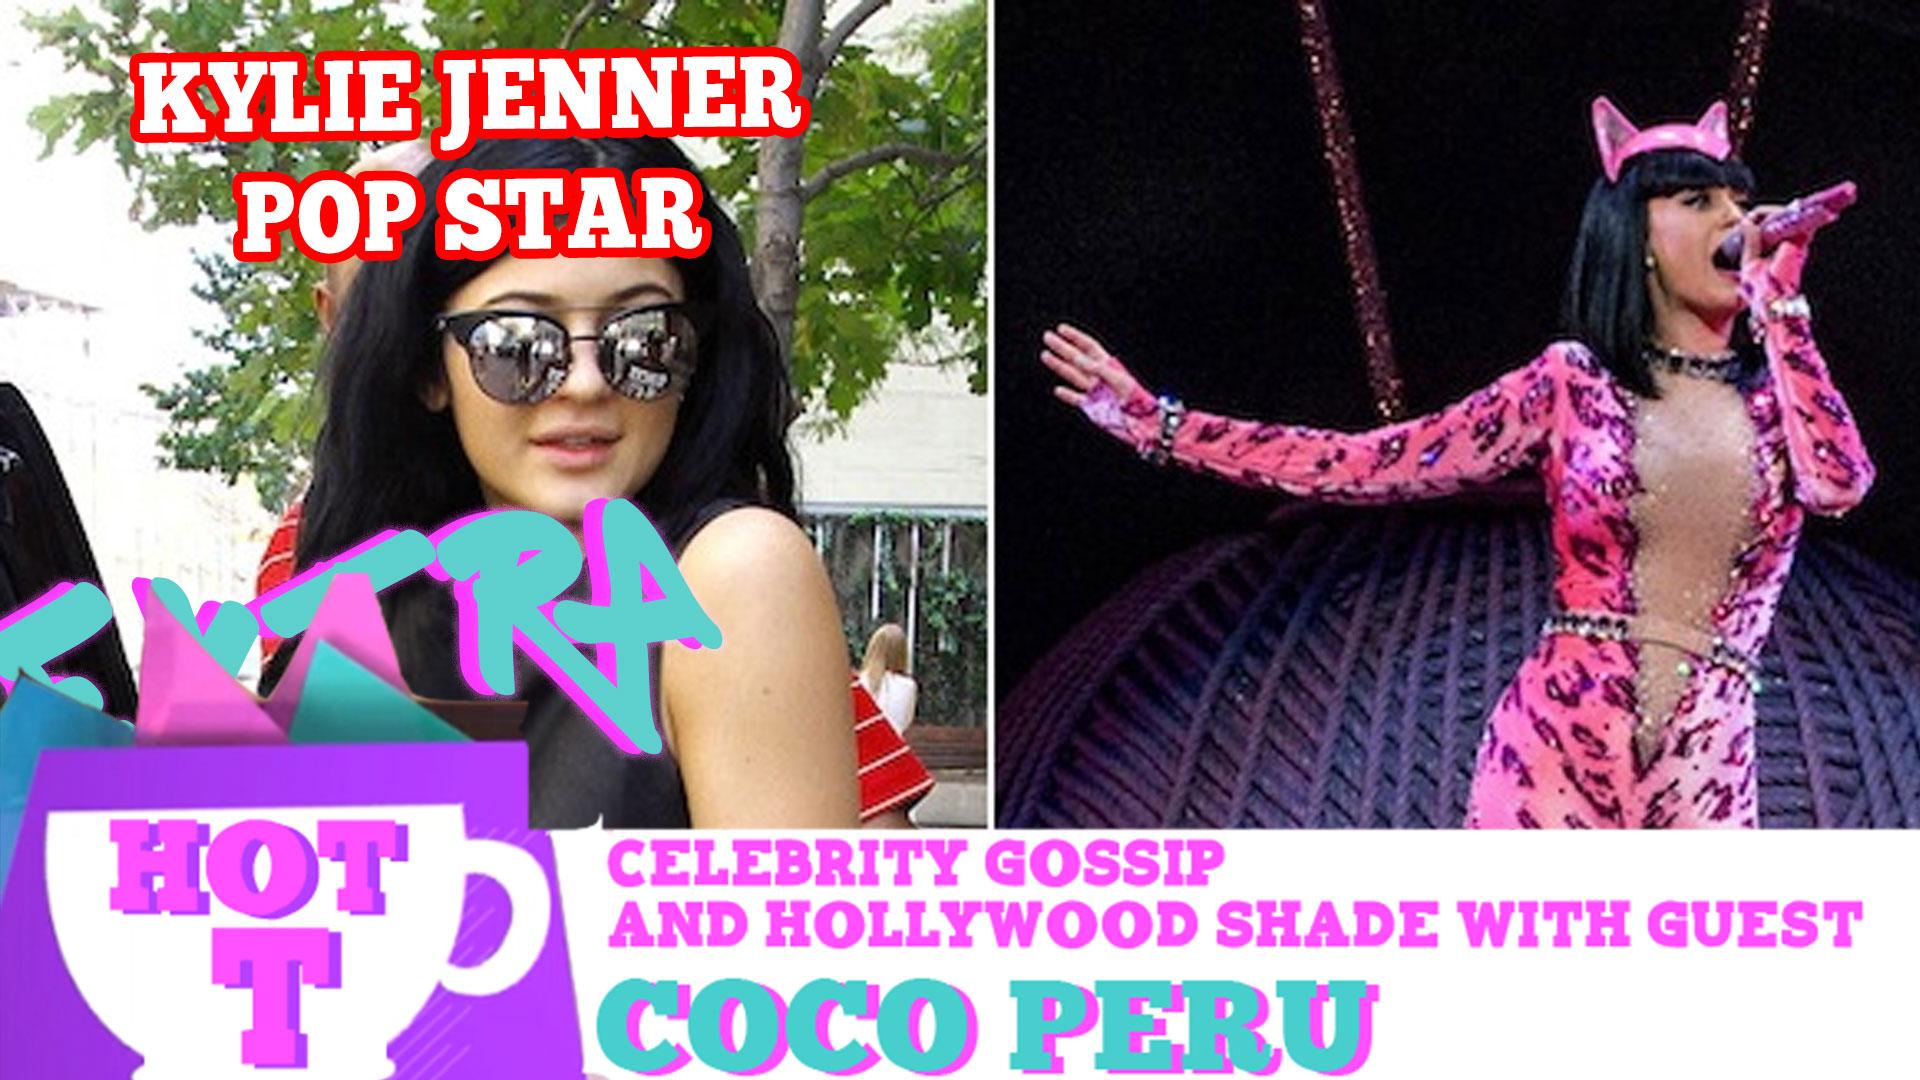 Kylie Jenner AMERICA'S NEXT POPSTAR: Extra Hot T